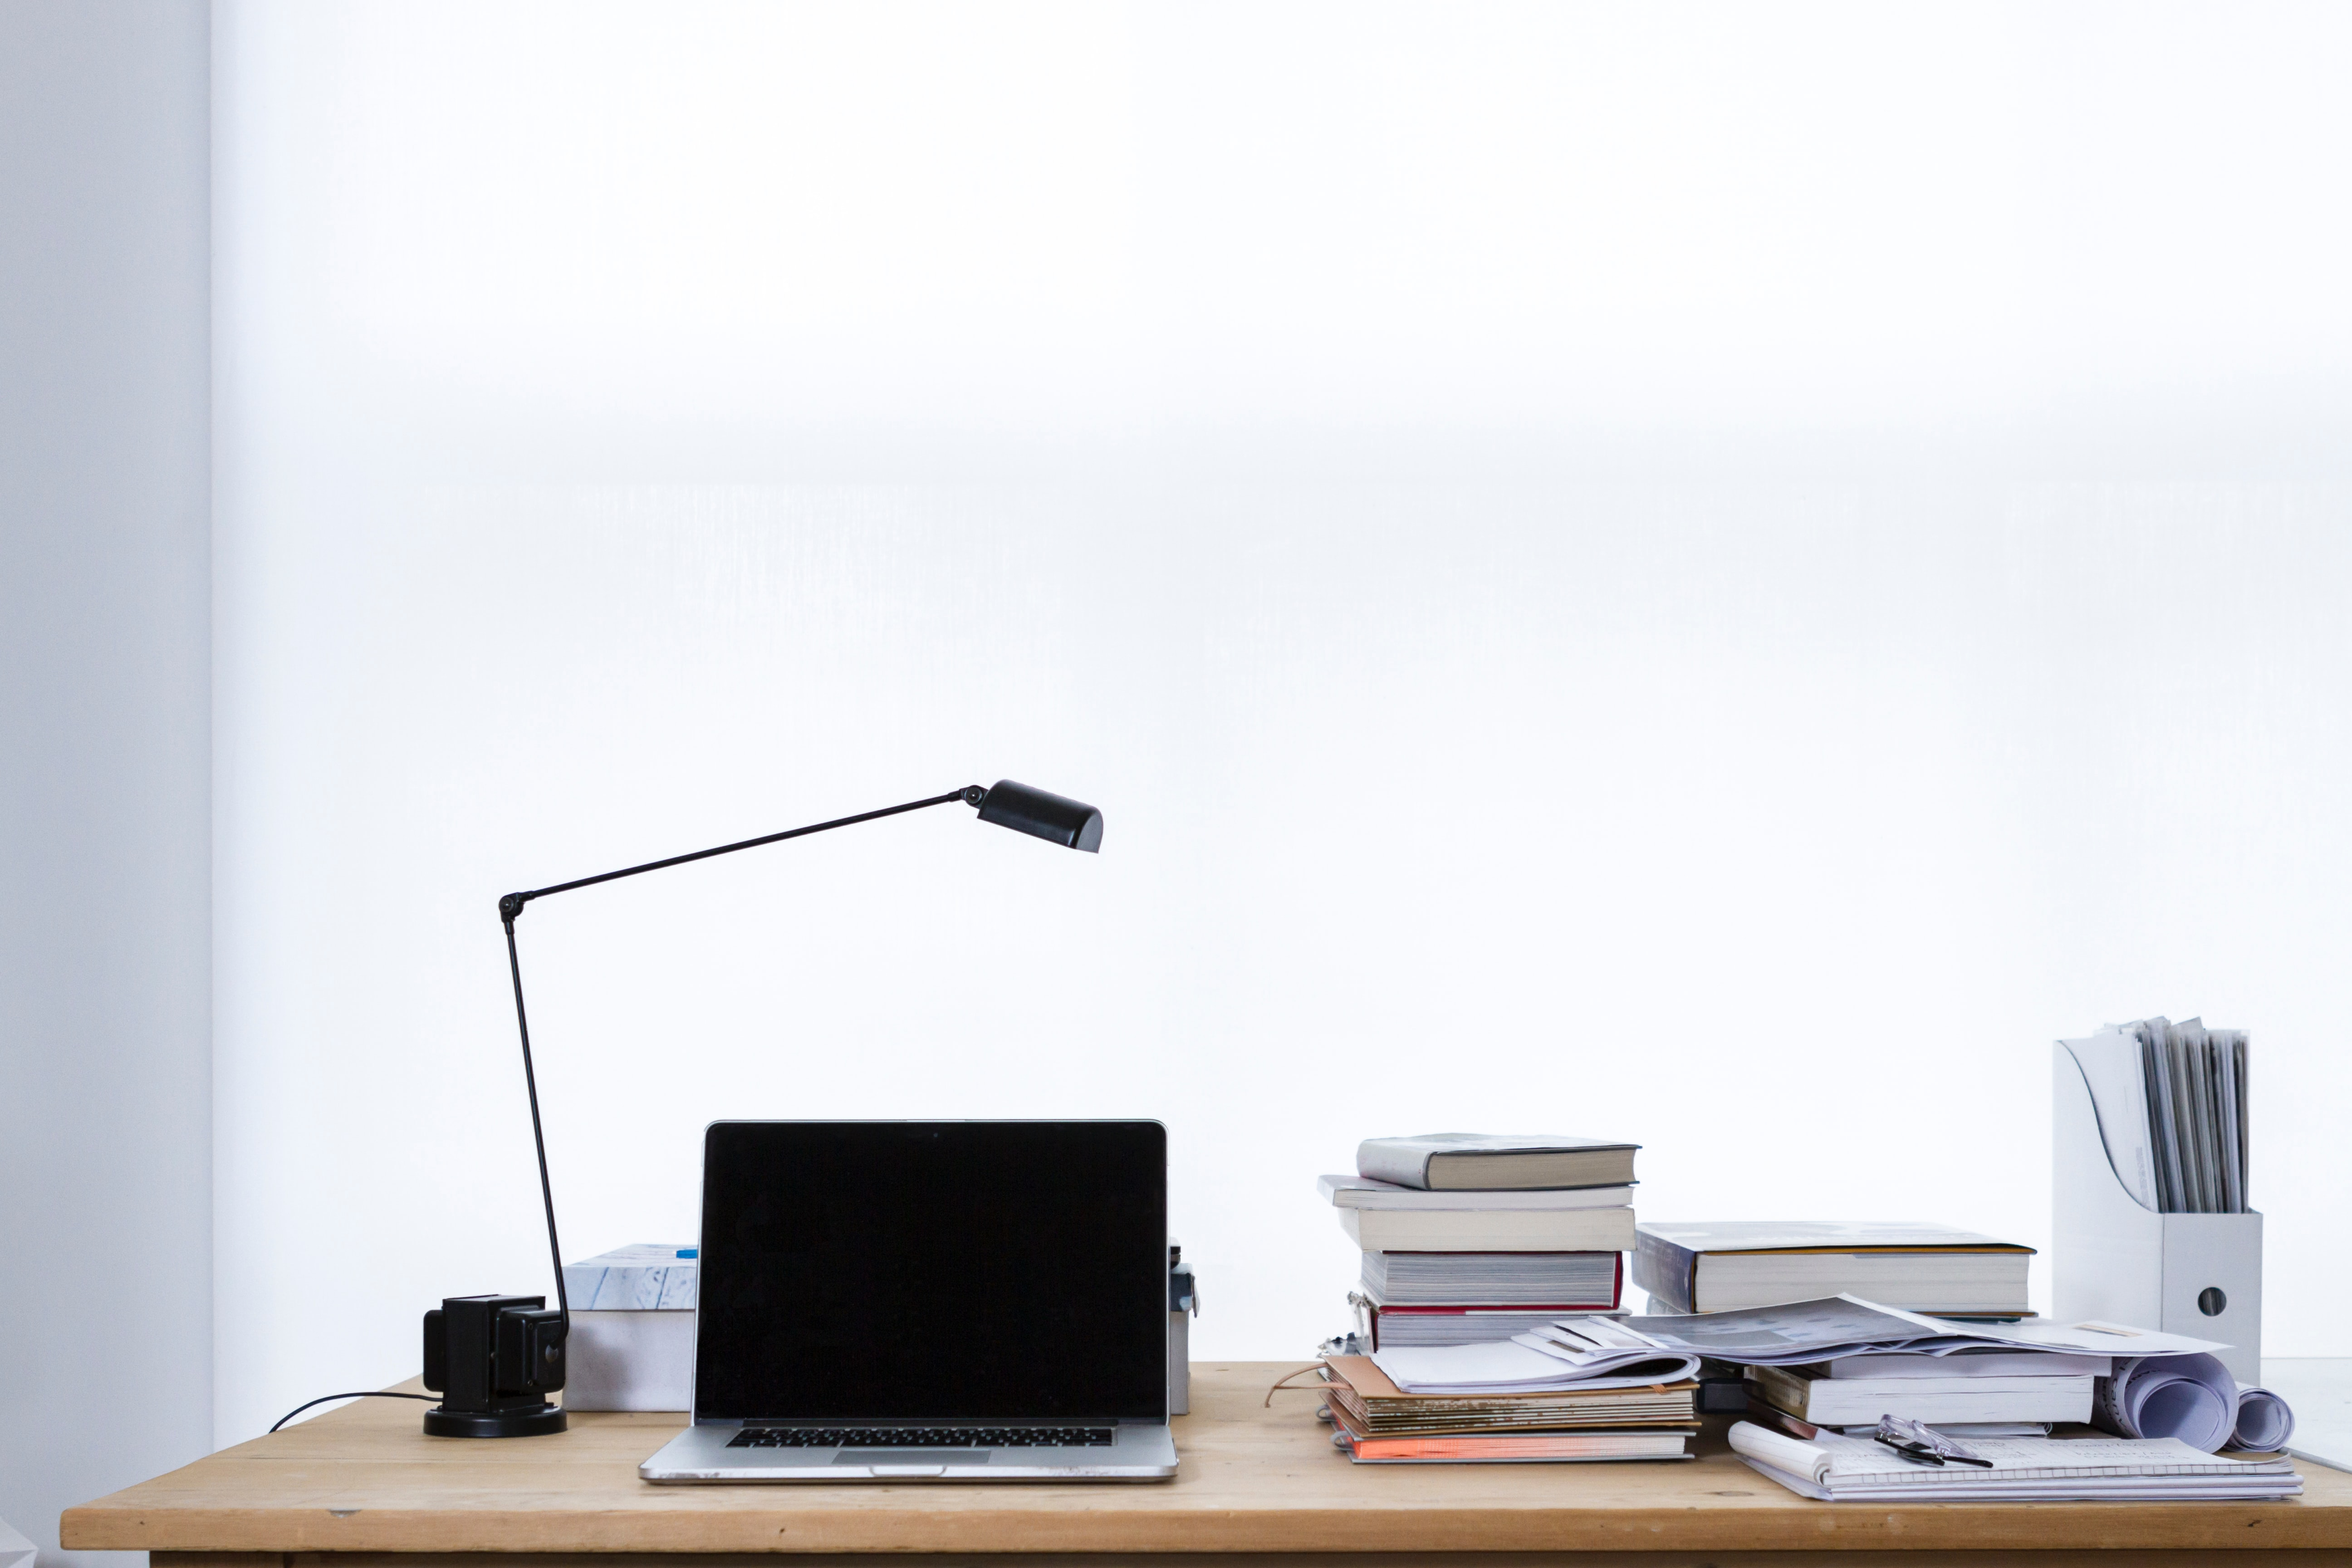 Bureau avec ordinateur portable et livres